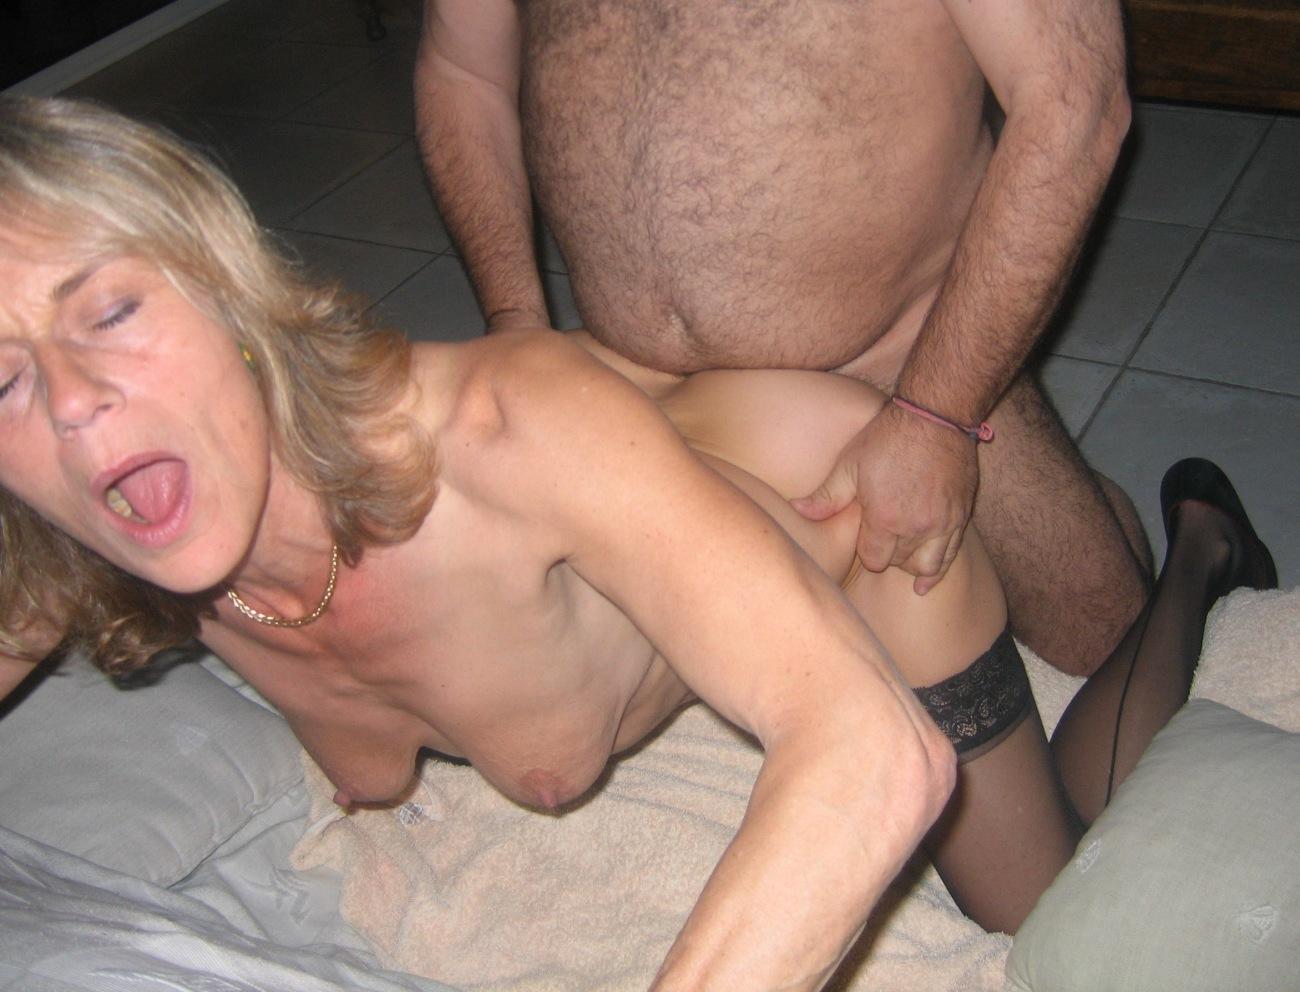 Mature women fucking young